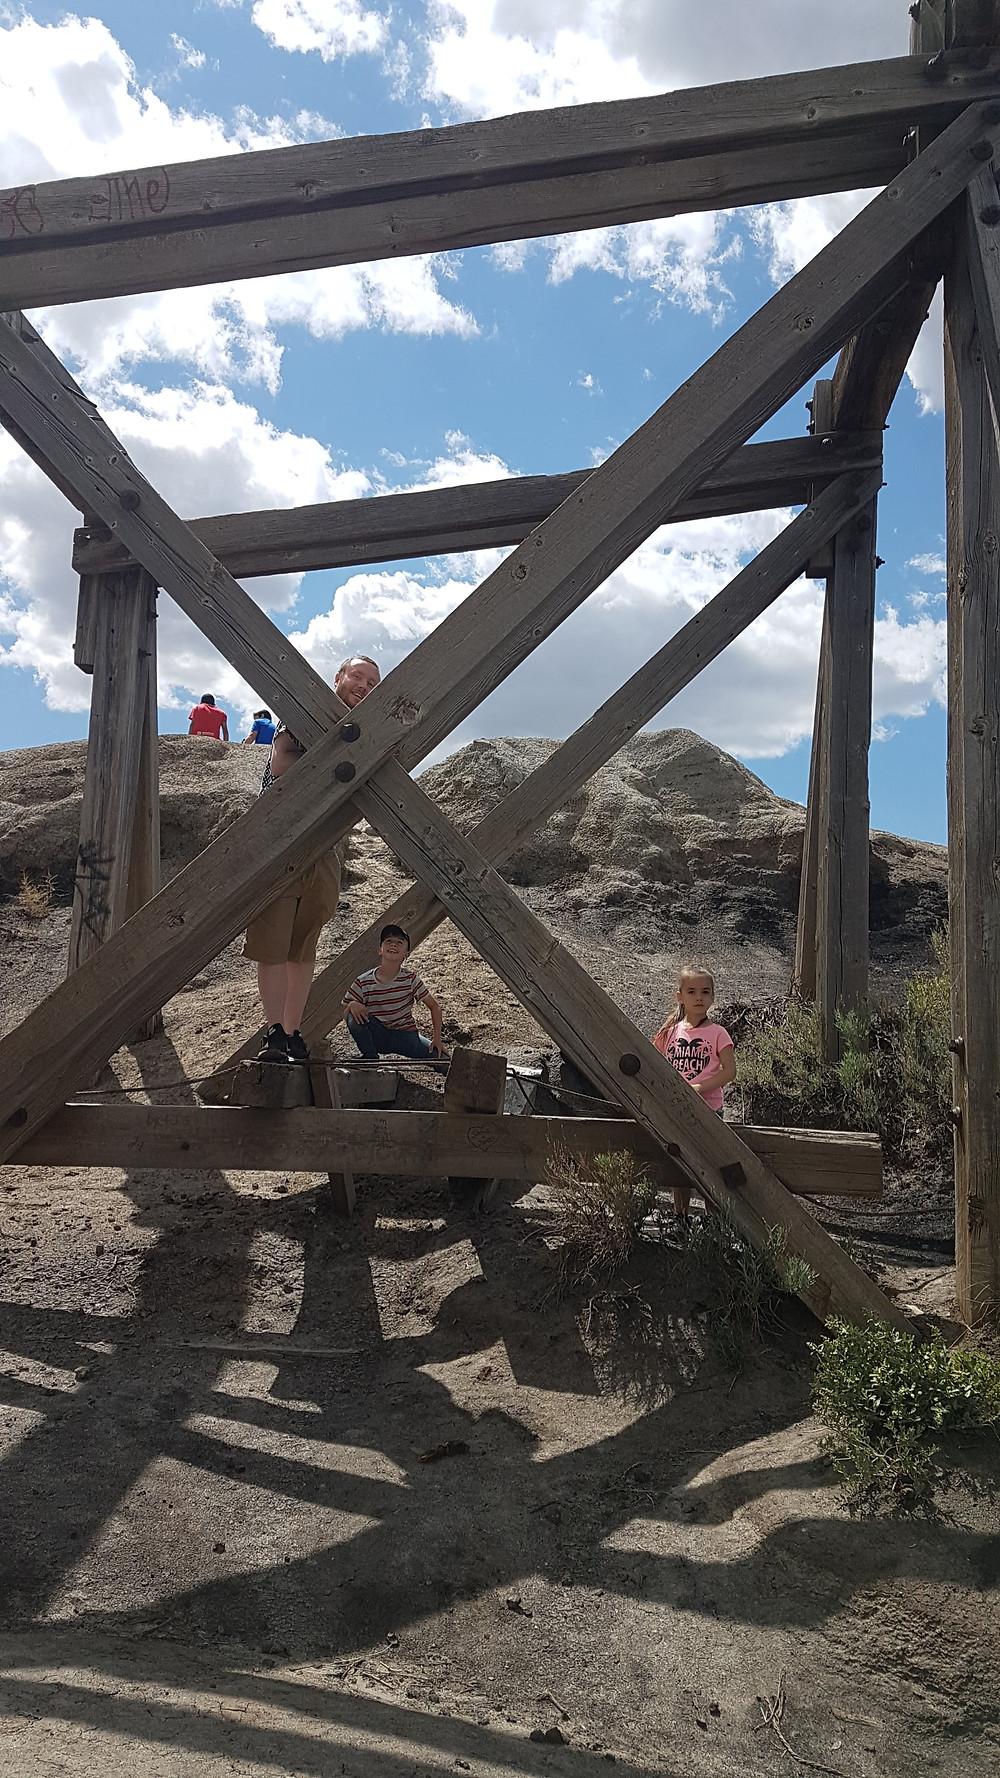 Star Mine Suspension Bridge, Drumheller Alberta, Canada